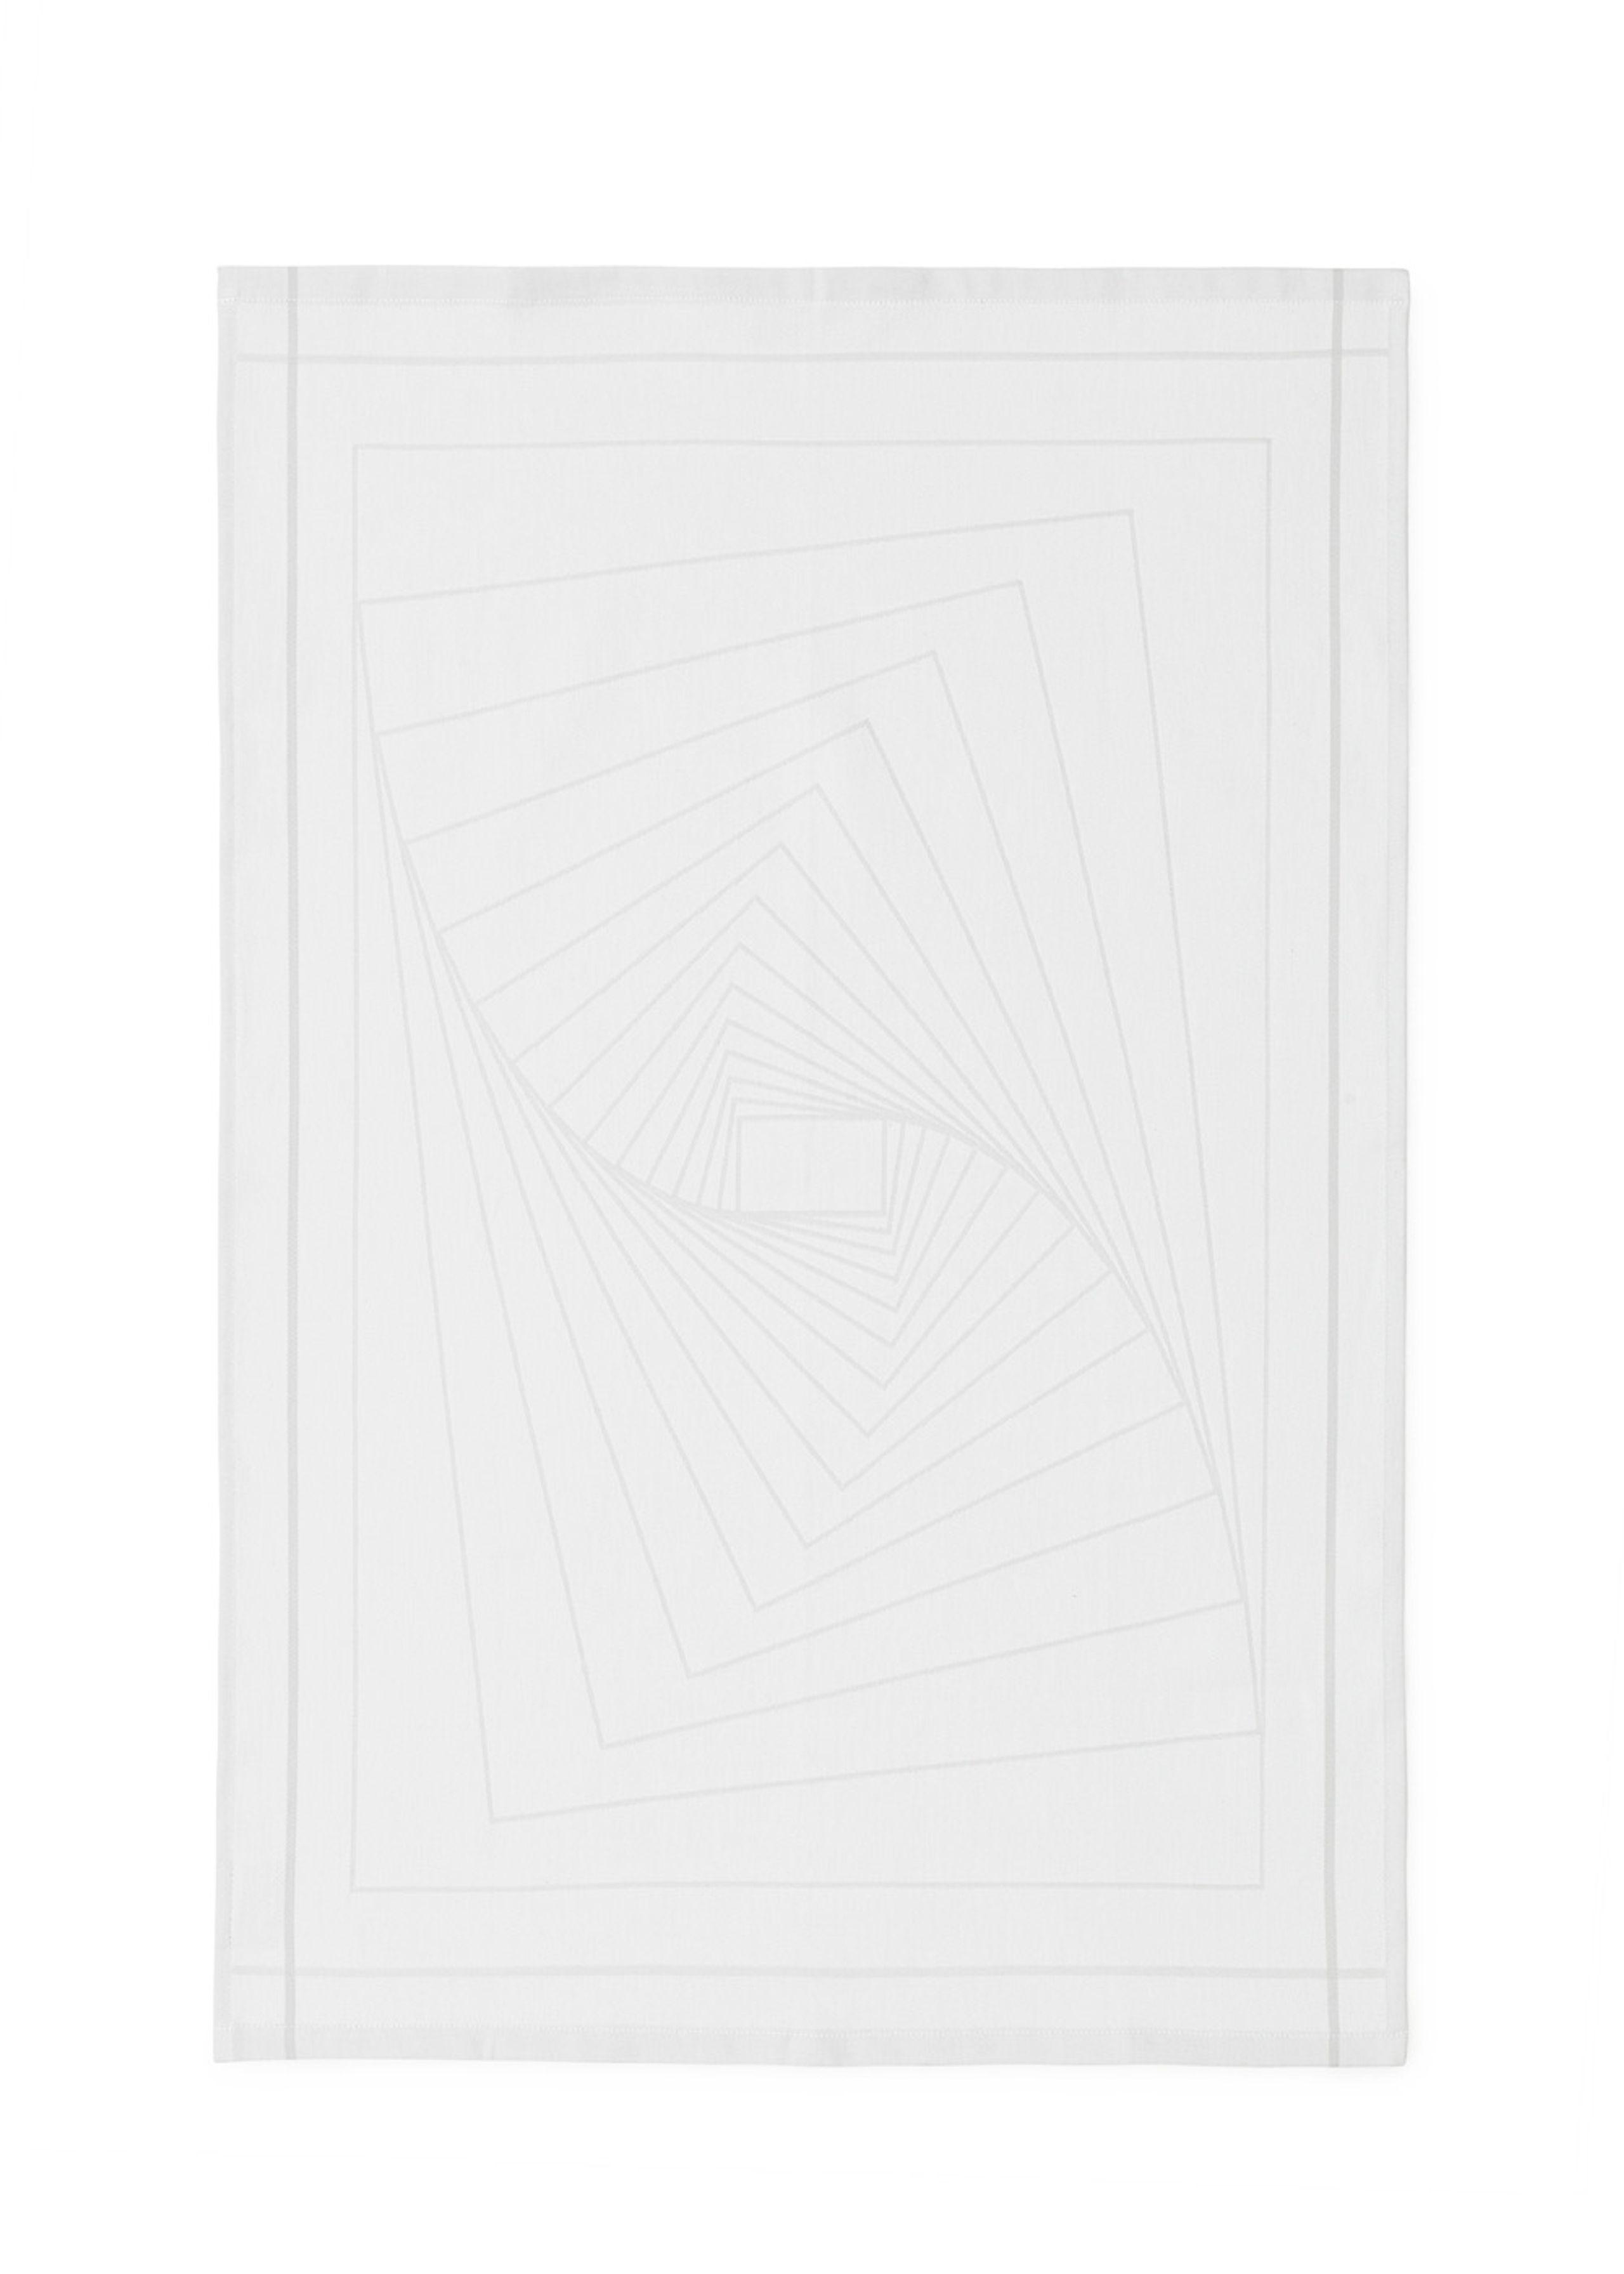 Illusion tea towel